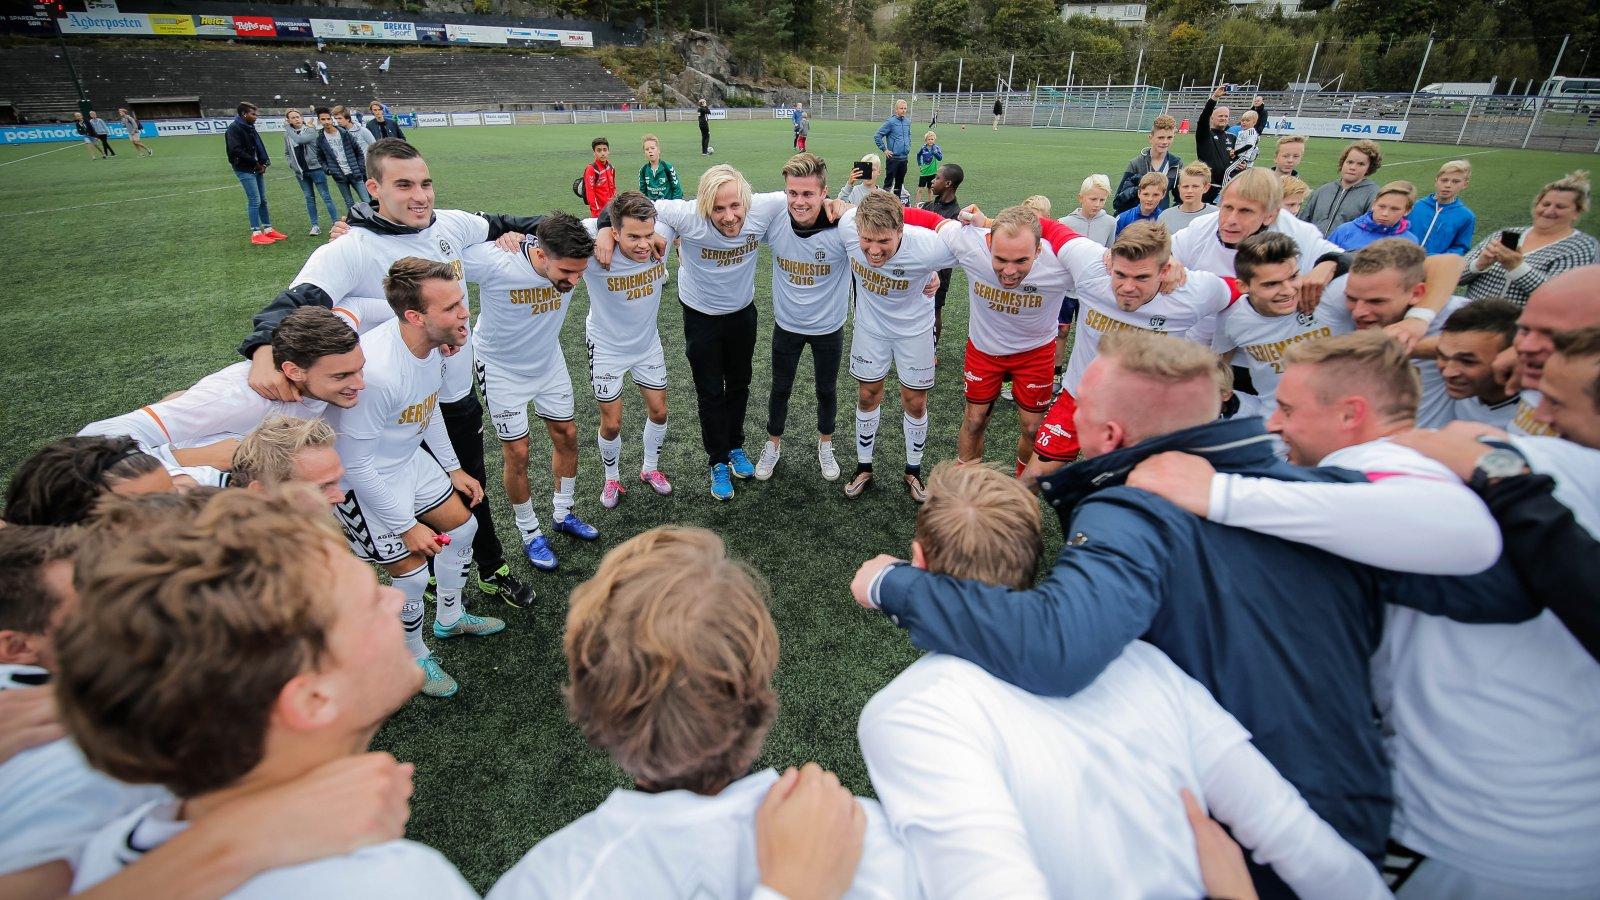 Etter 6-1 mot Ørn på hjemmebane, kunne Arendal slippe jubelen løs: Opprykket til Obosligaen var et faktum!